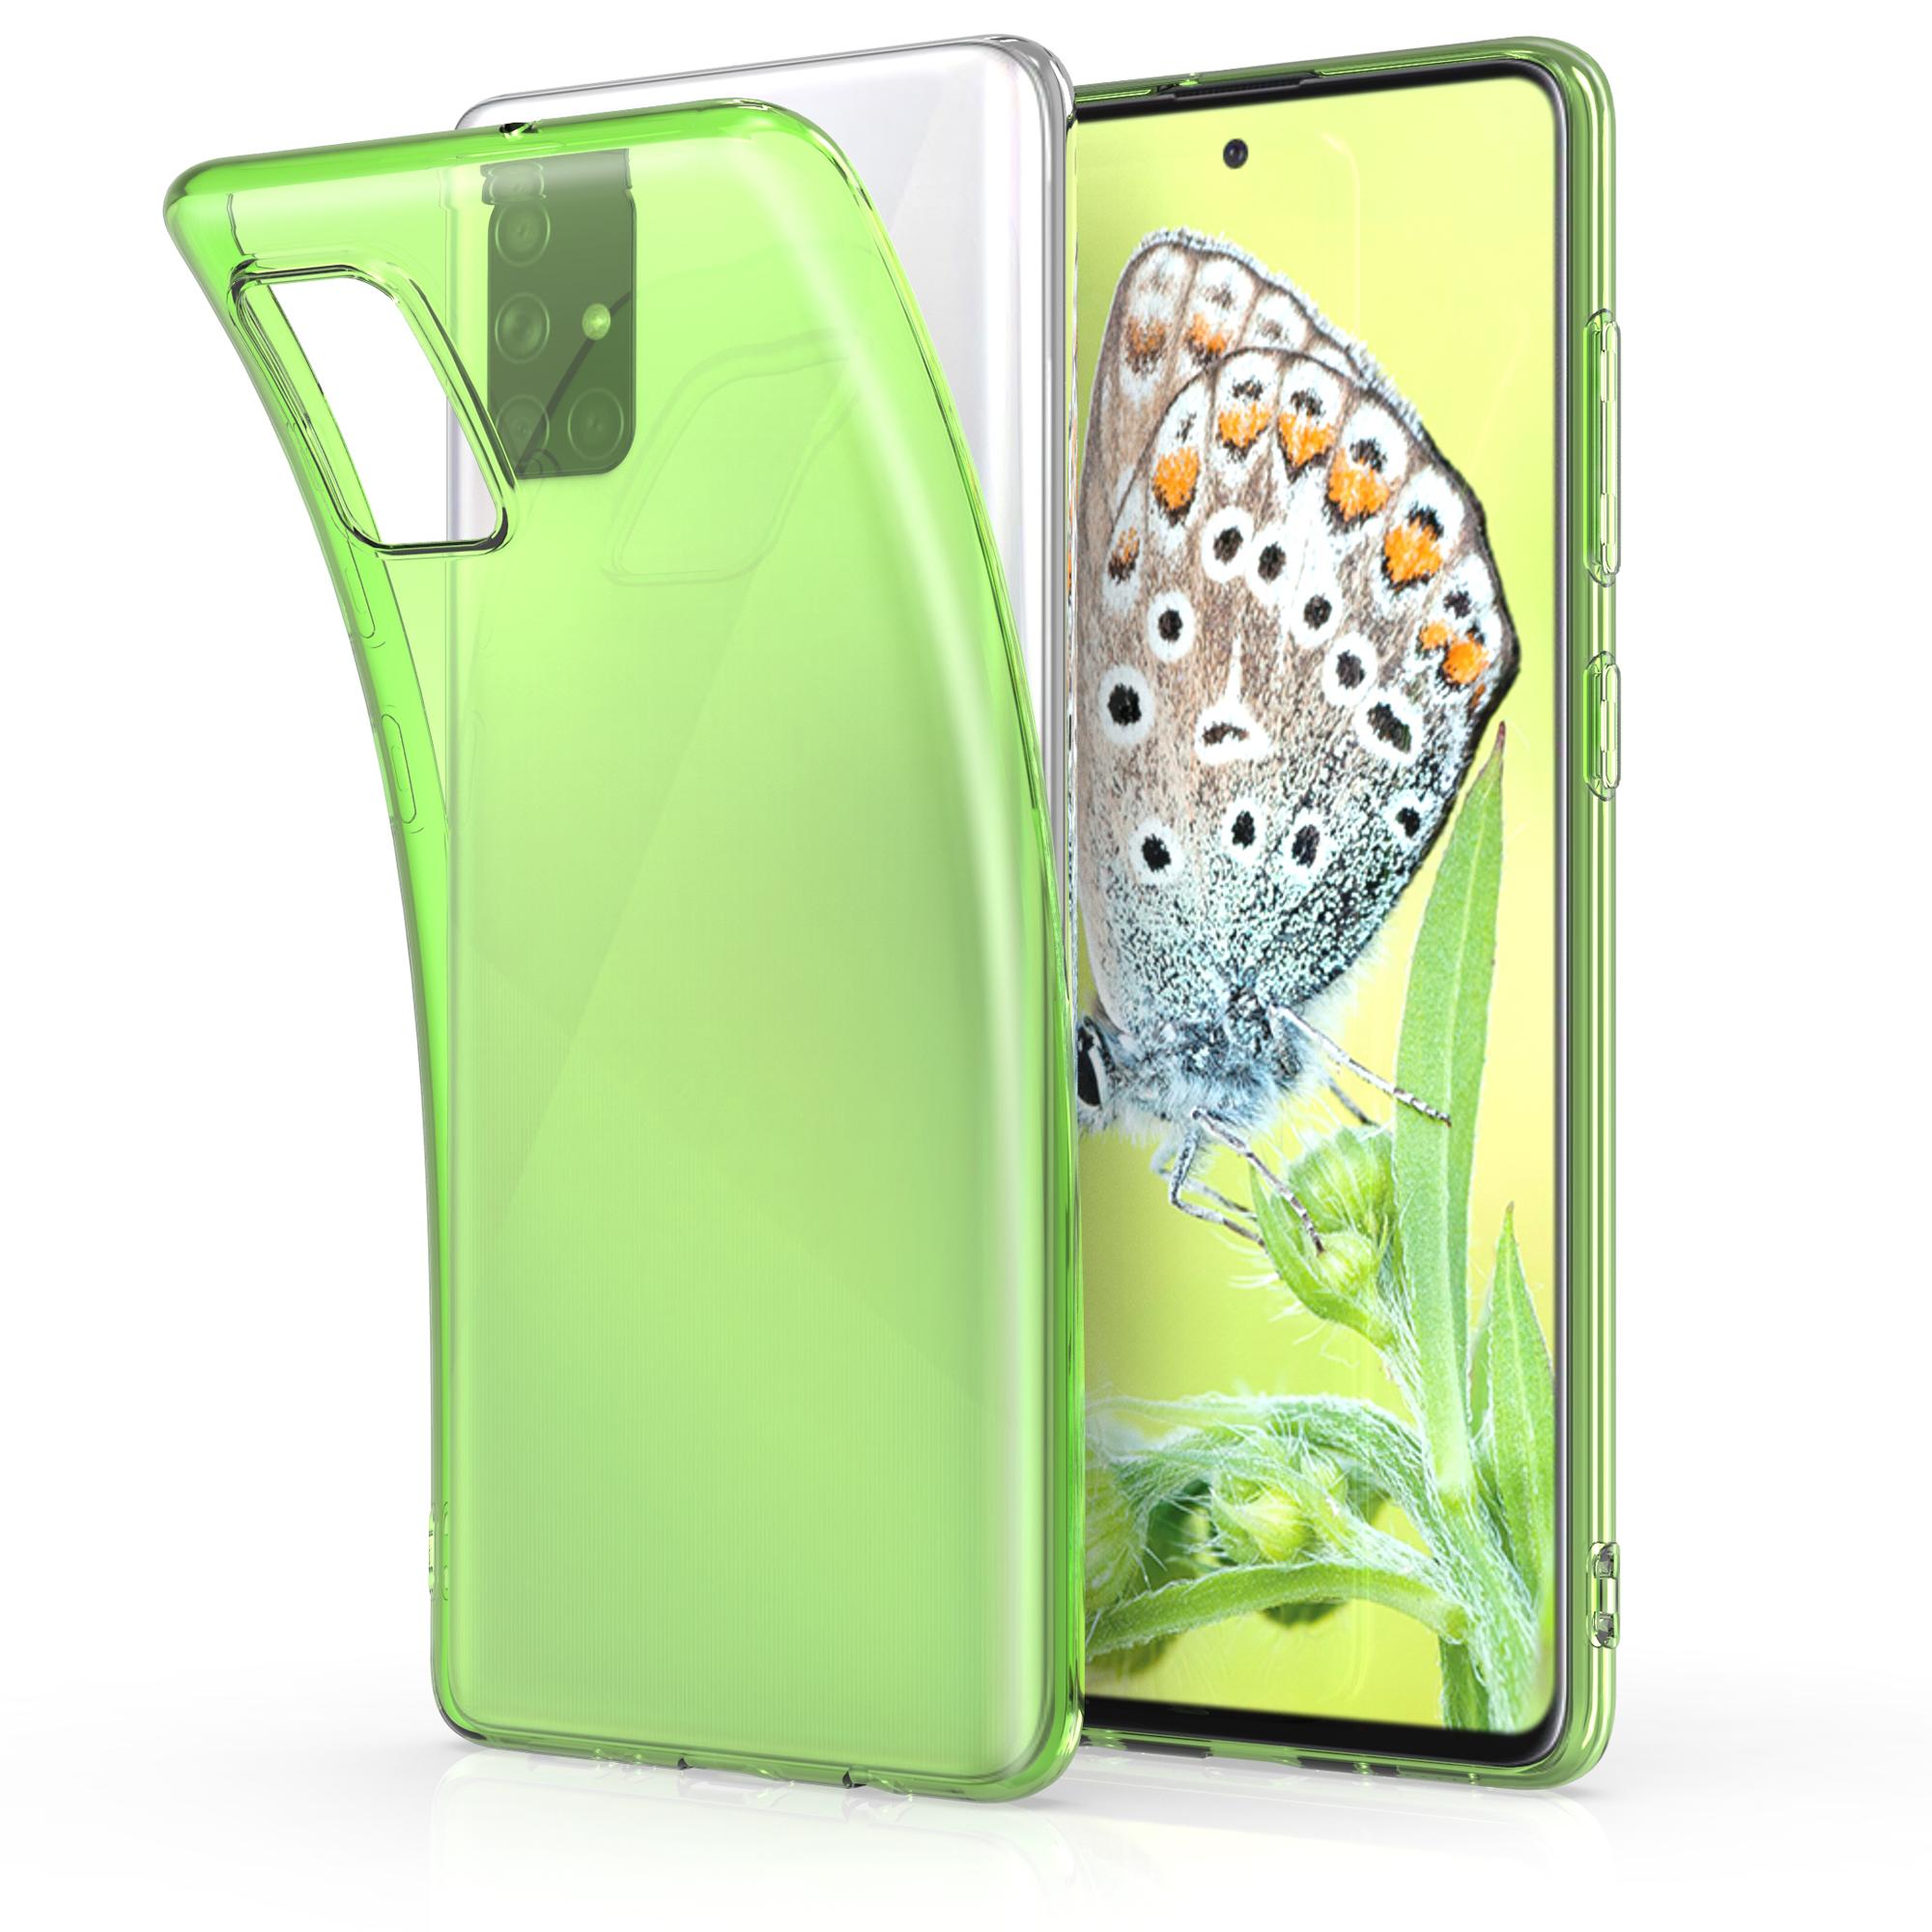 Neonově zelené silikonové pouzdro / obal pro Samsung Galaxy A51